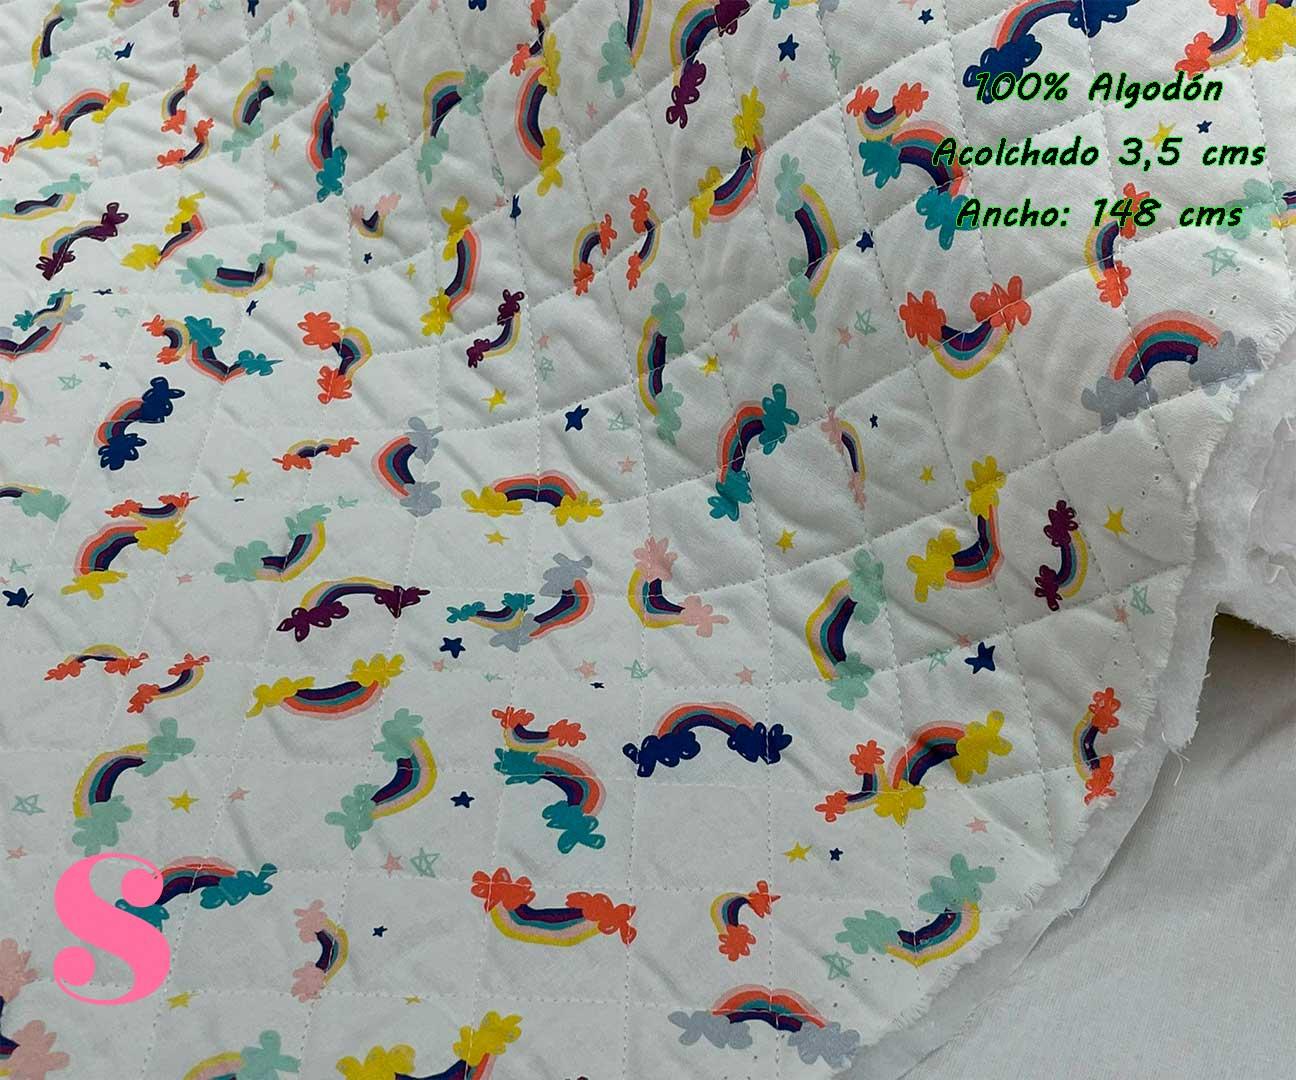 31-telas-acolchadas,estampados-acolchados-infantiles,acolchados-para-fundas,-telas-para-fundas-de-carrito-de-bebes,Acolchado Arcoiris